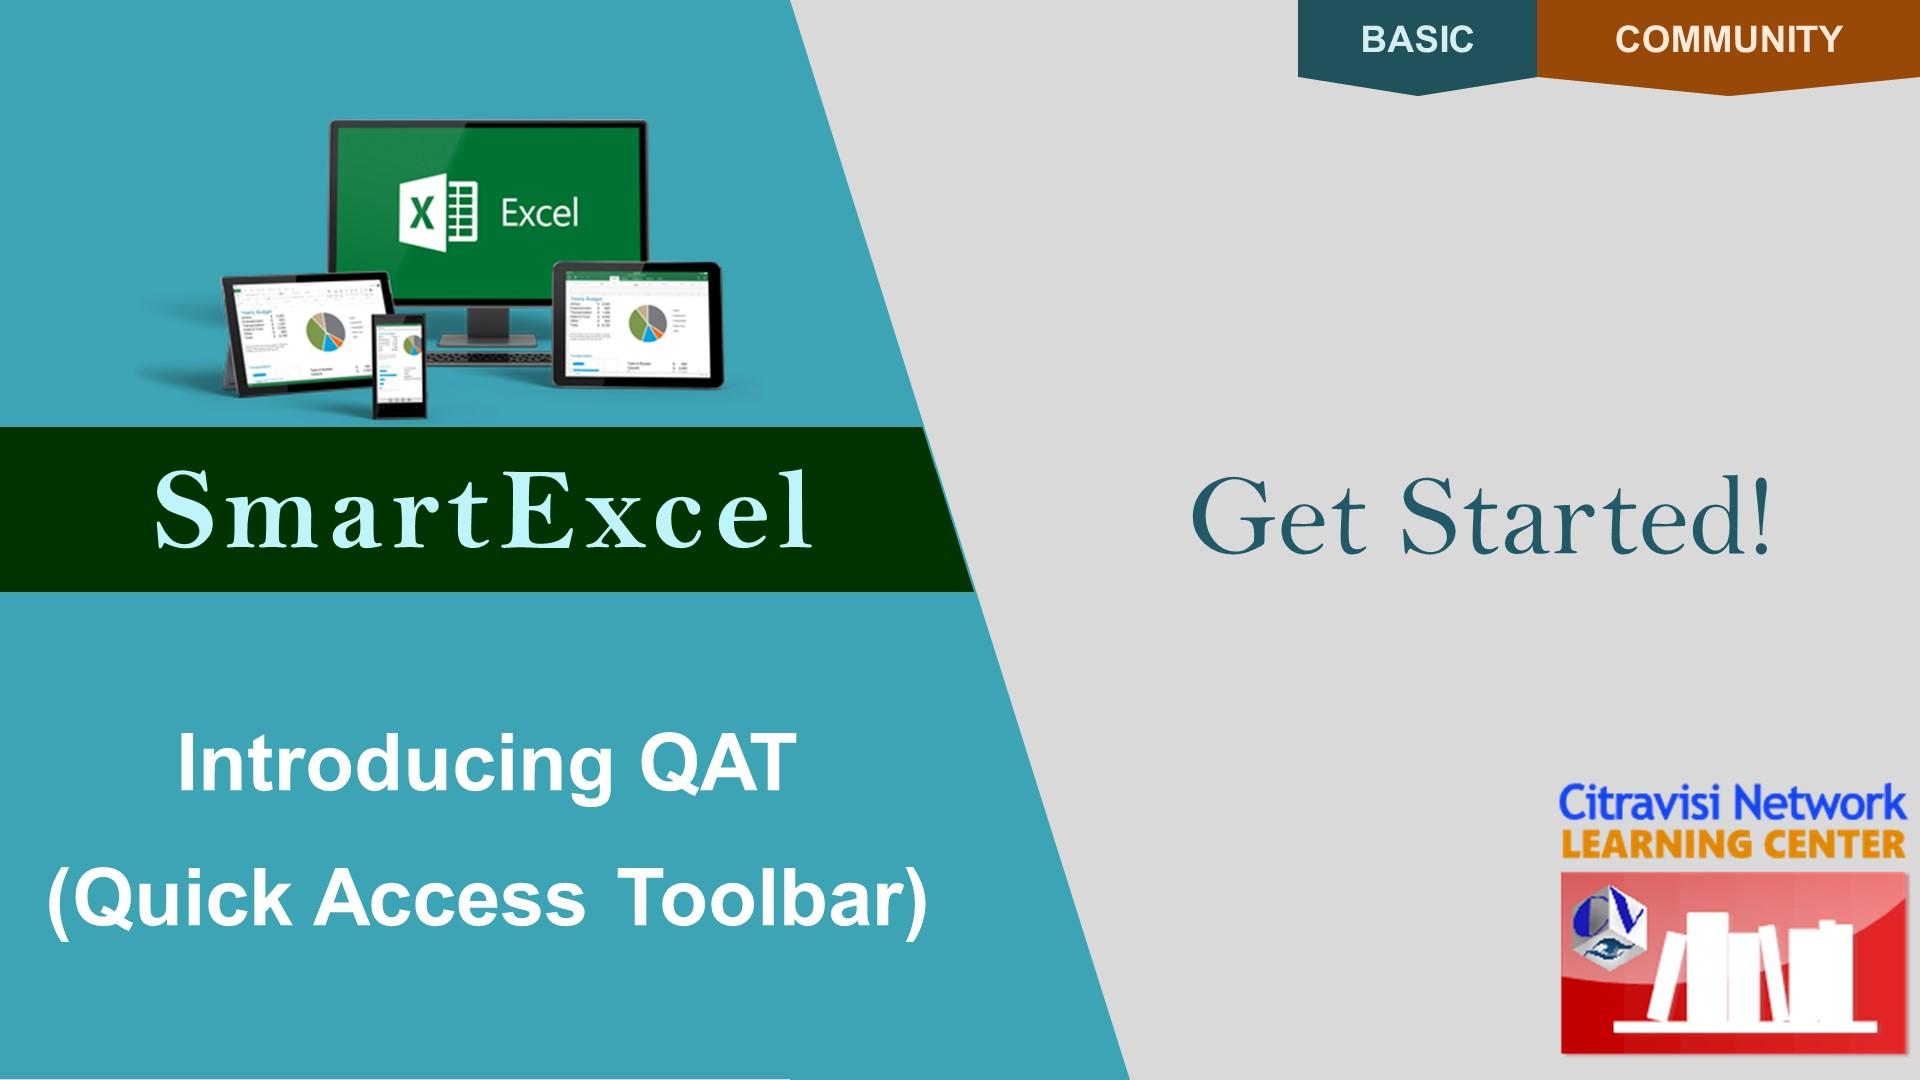 MSXL16-1B0201, Quick Access Toolbar